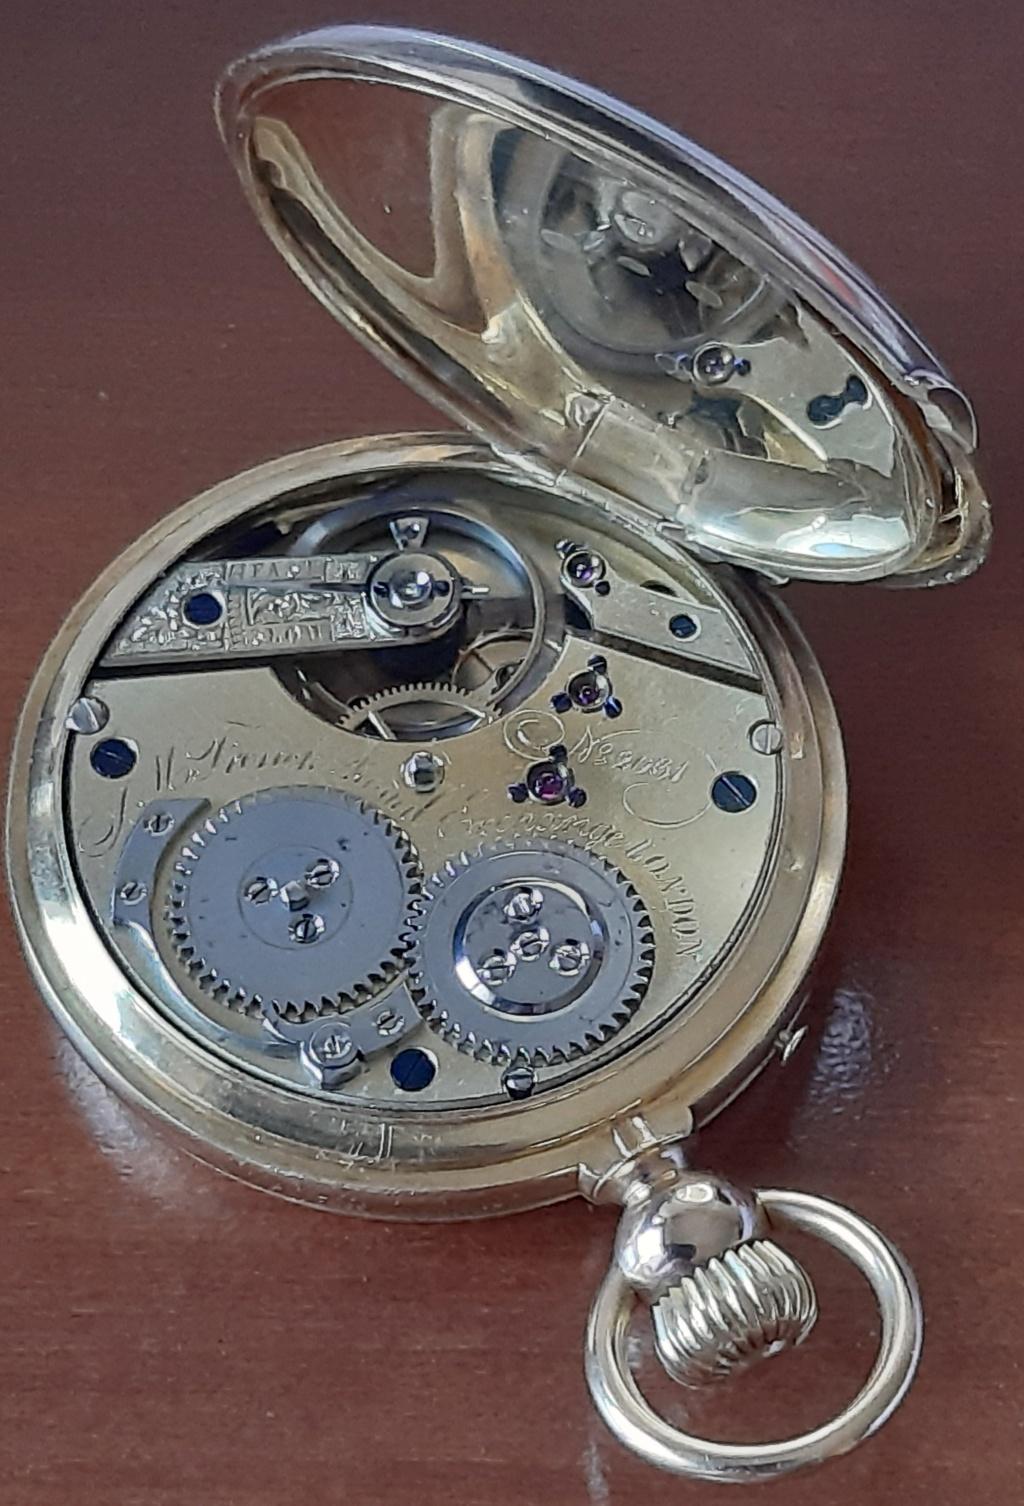 Les plus belles montres de gousset des membres du forum - Page 10 20200712